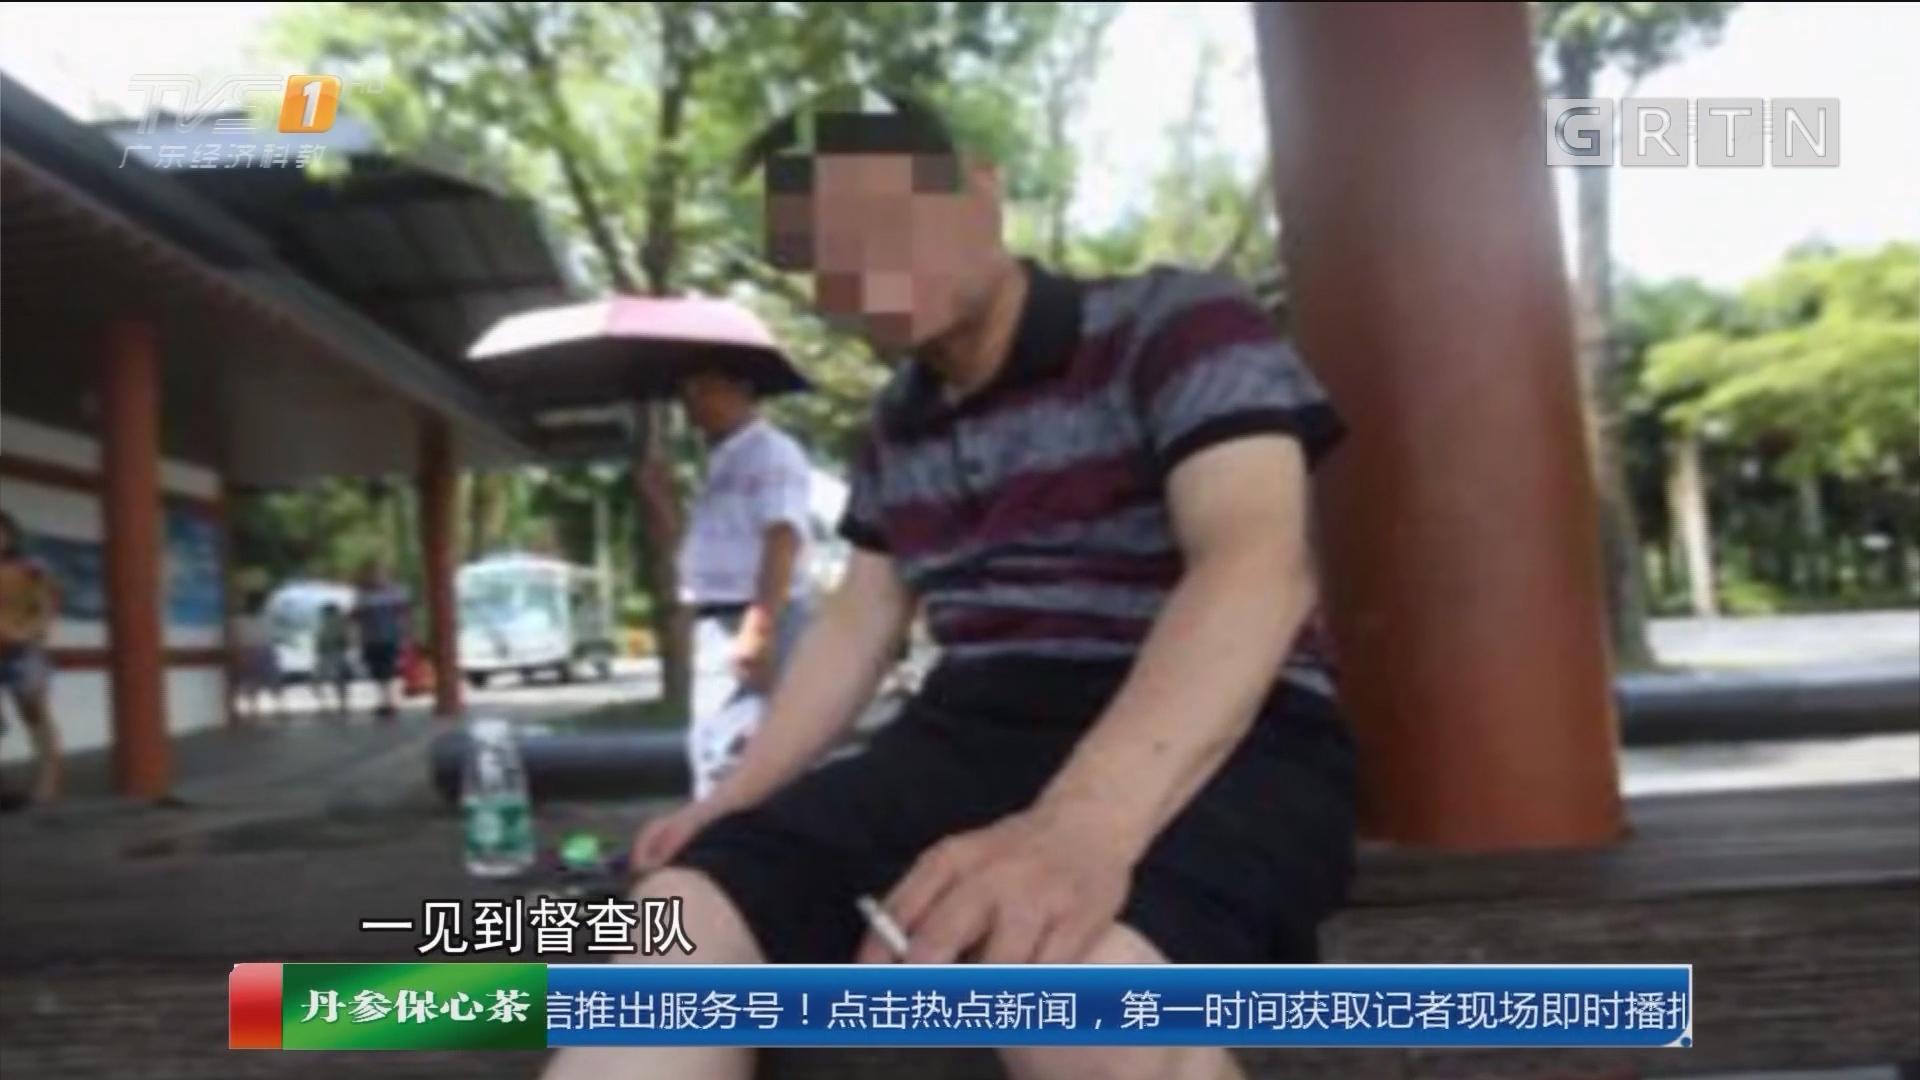 深圳:直击控烟督查 3人公园吸烟各罚50元